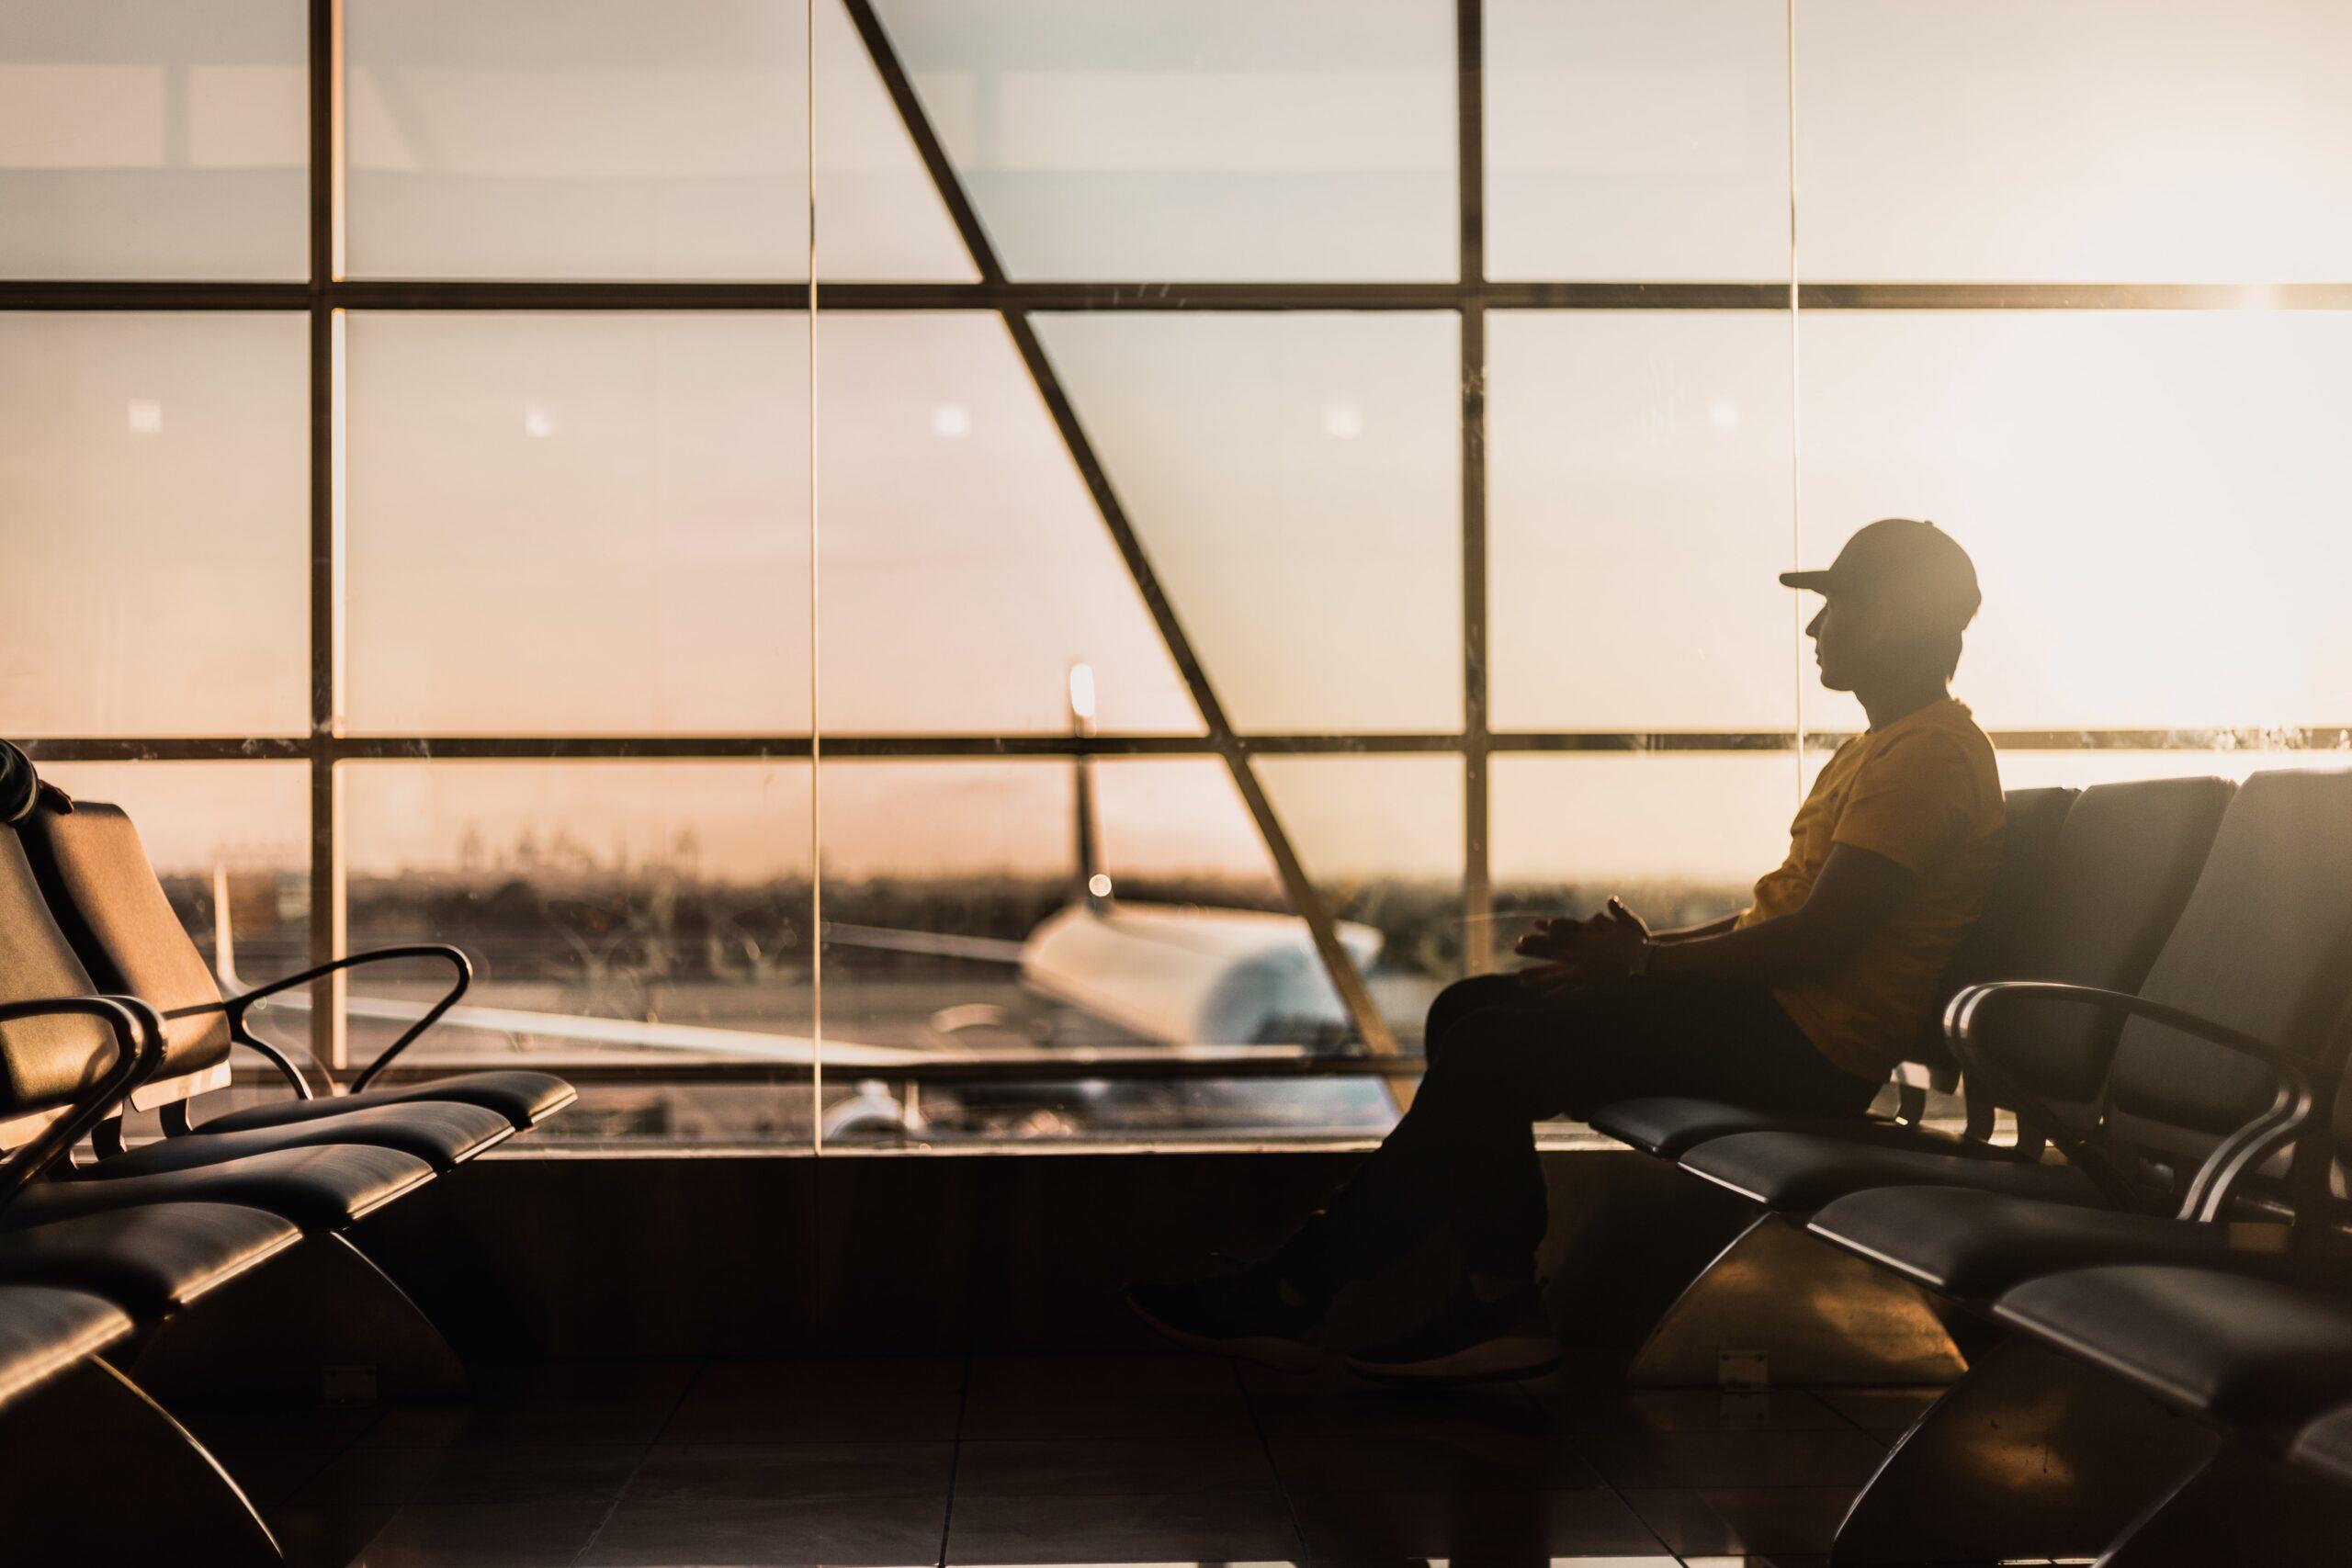 【楽天カードで使える】空港ラウンジ利用時の注意点